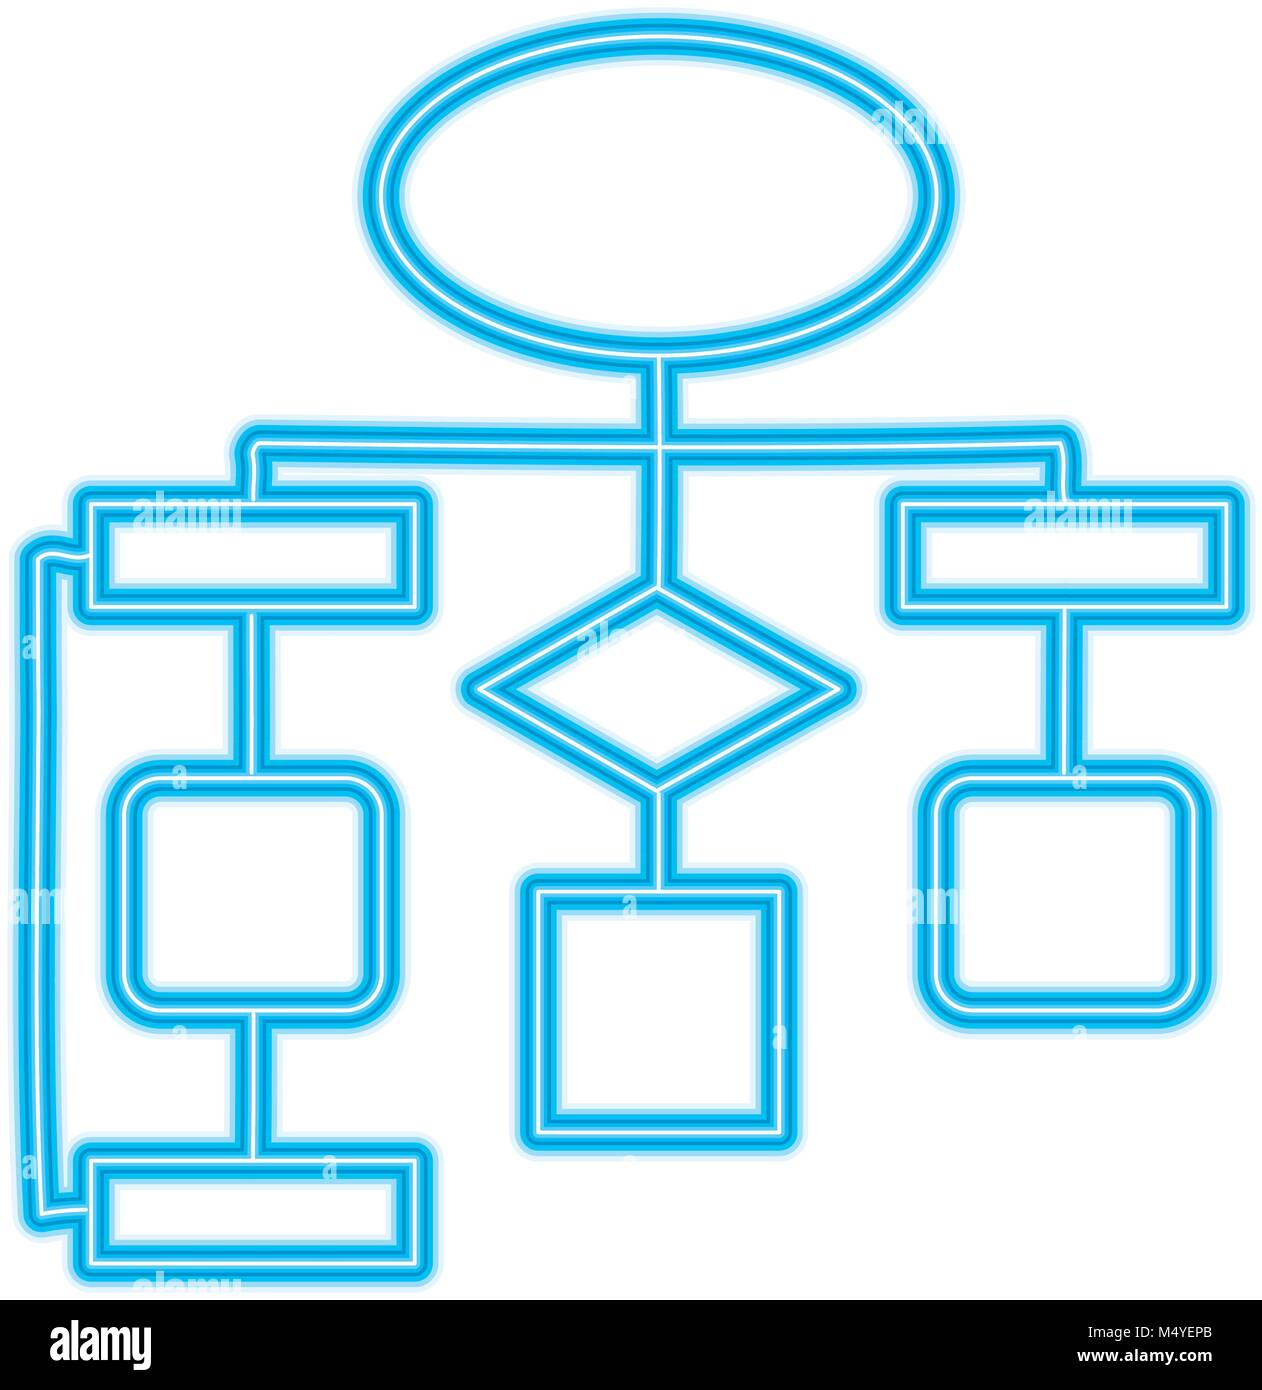 Flow Diagram Stockfotos & Flow Diagram Bilder - Seite 3 - Alamy